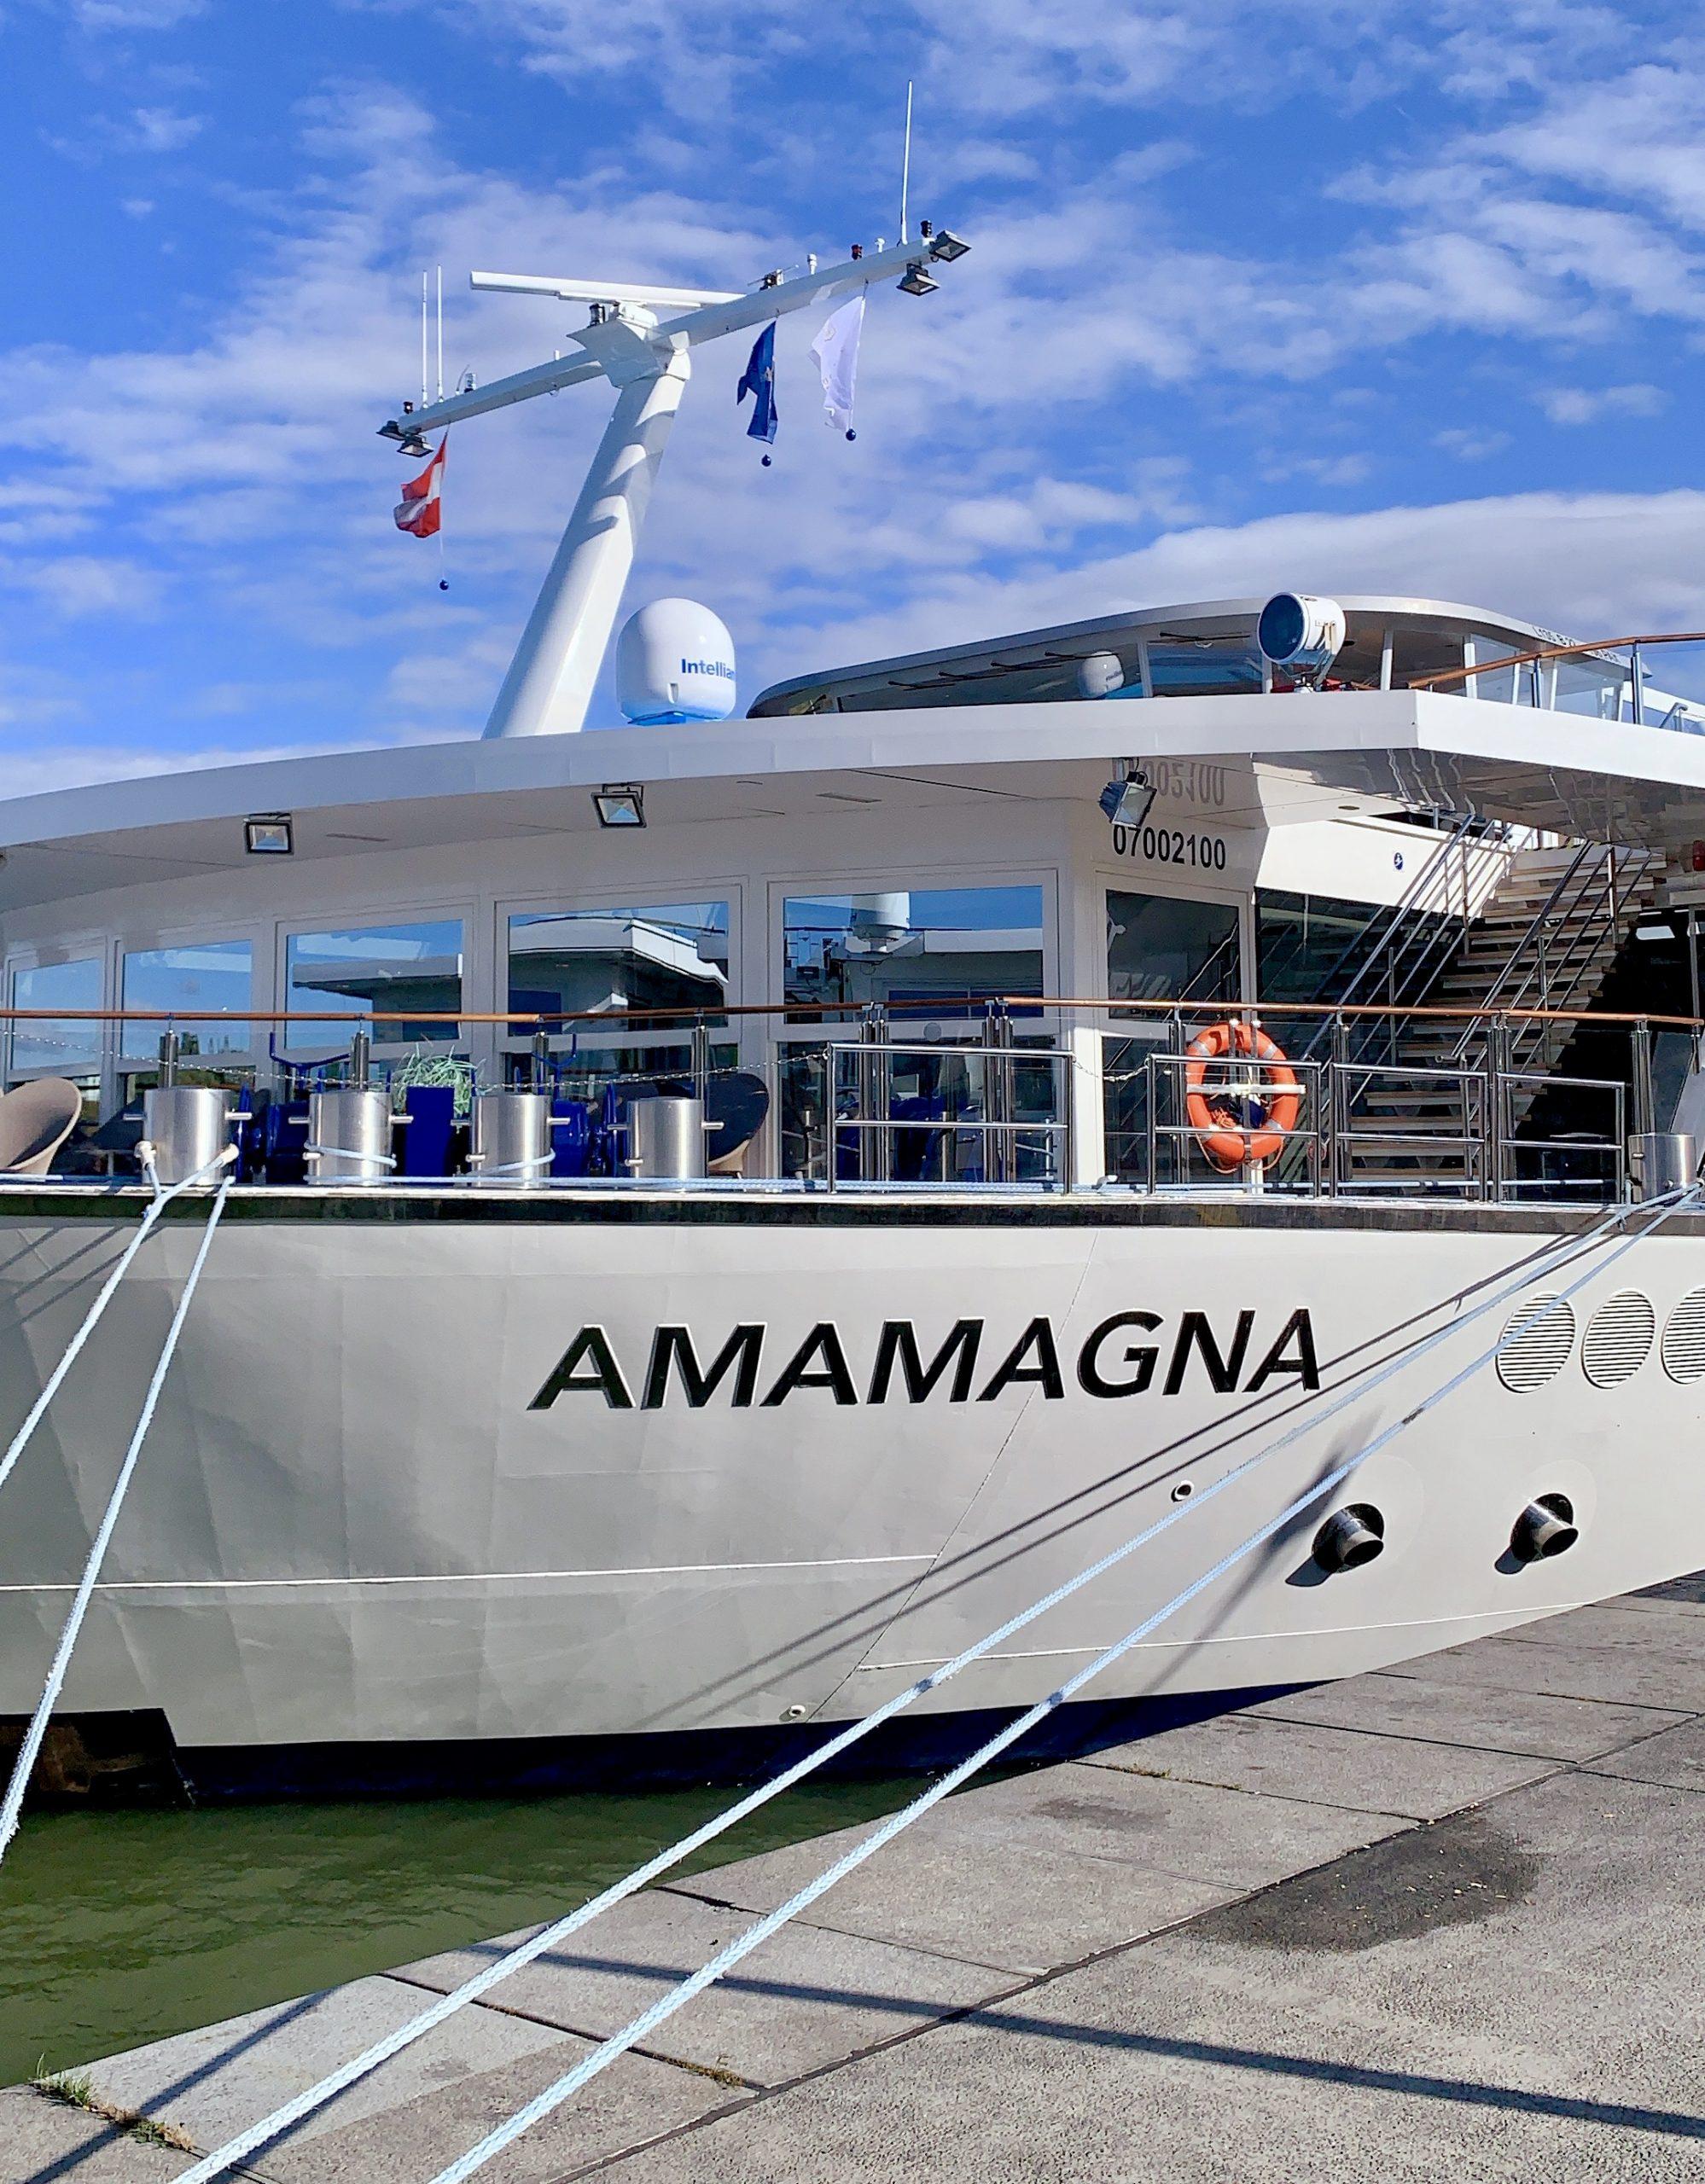 AmaMagna